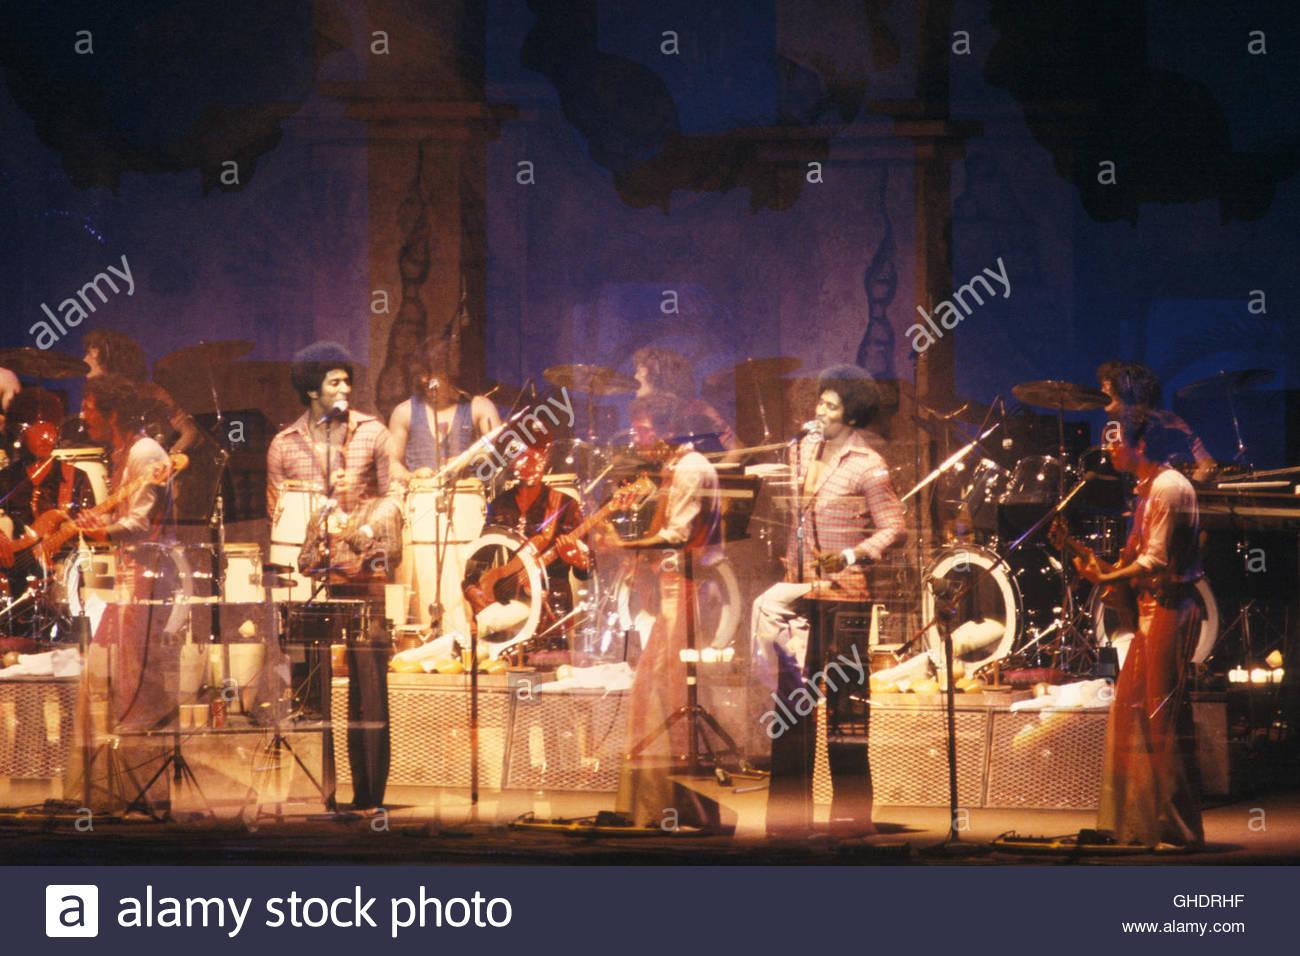 US-amerikanischer Latin-Rock-band Santana erklingt in das Palladium auf 5. März 1977 in New York City. Stockbild